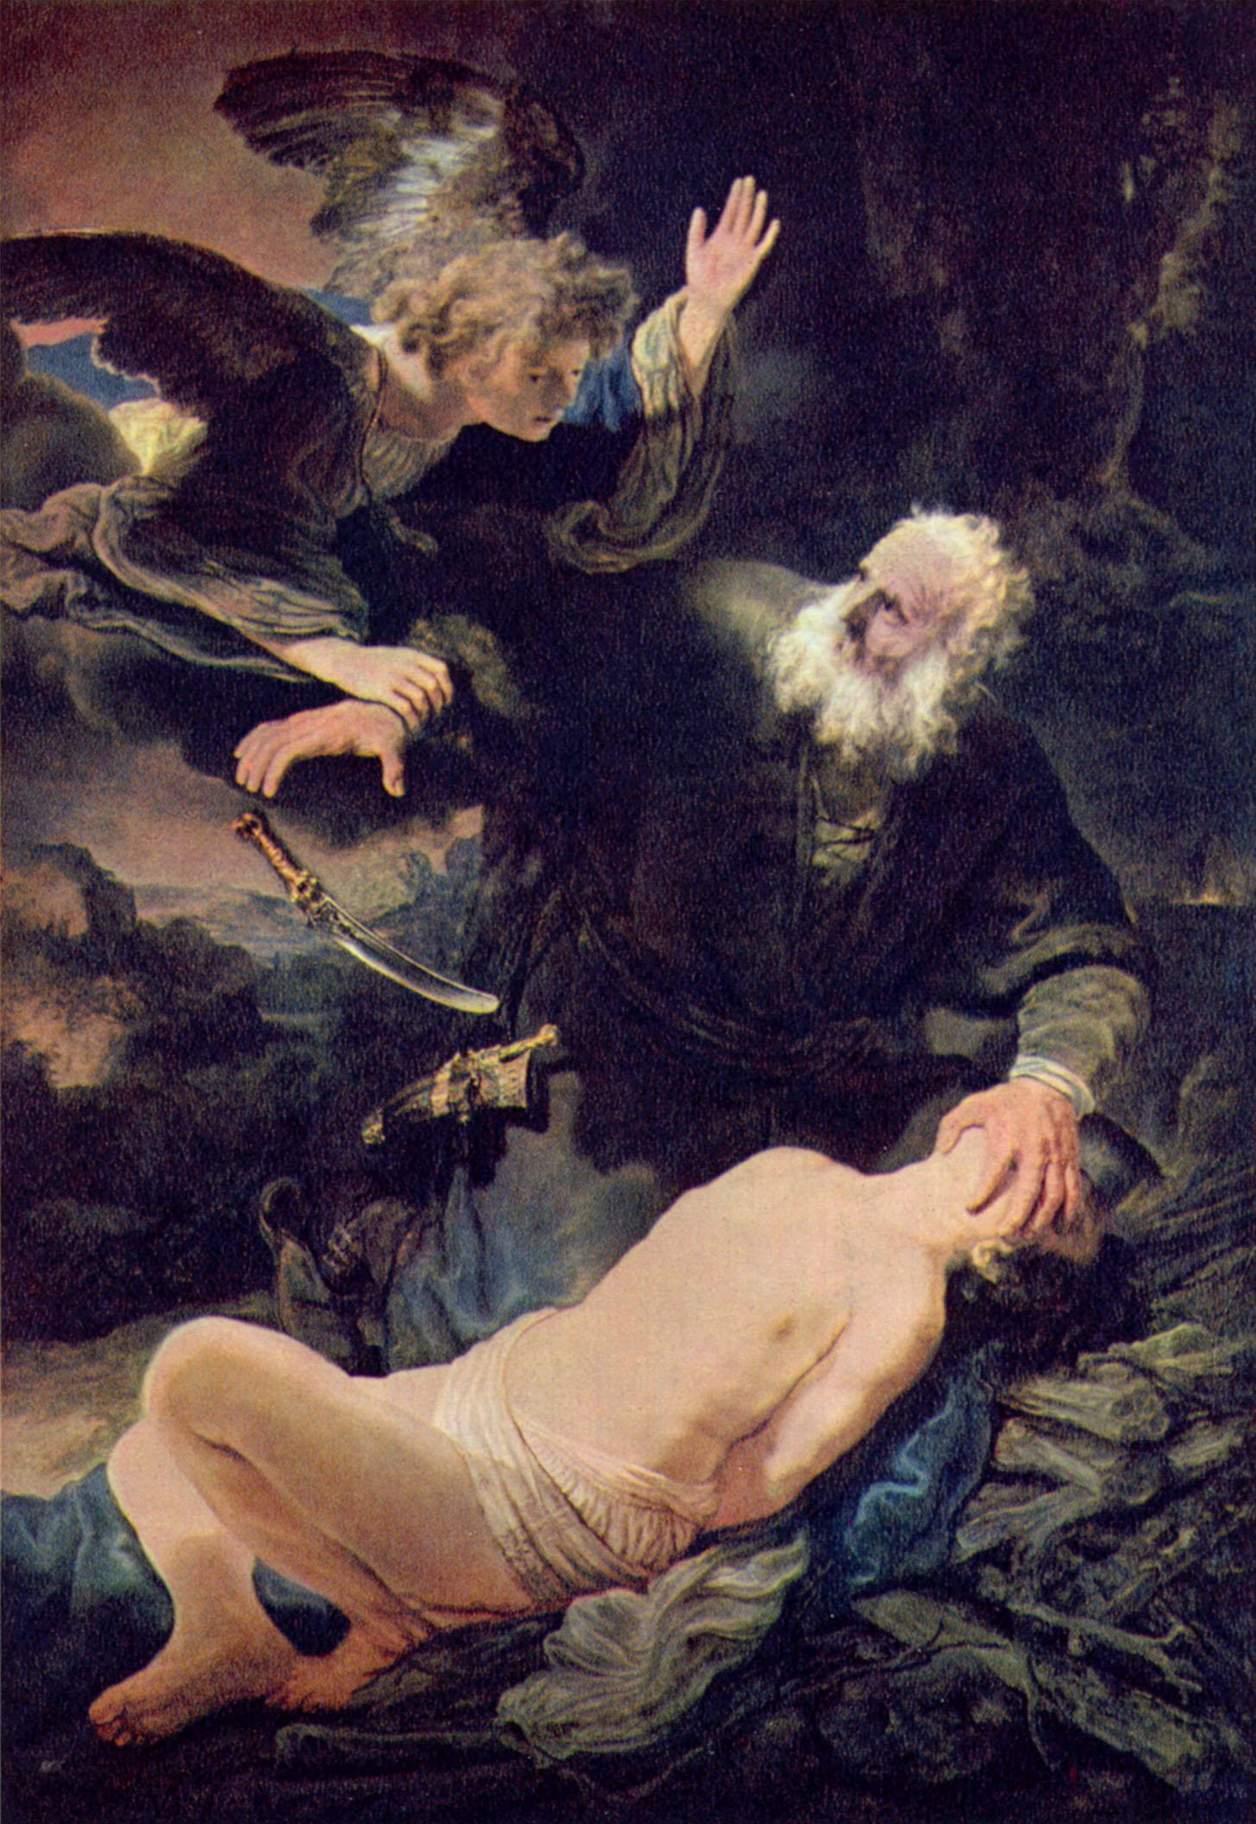 تأملی در قربانی و قربان و بزرگترین دروغ یهود